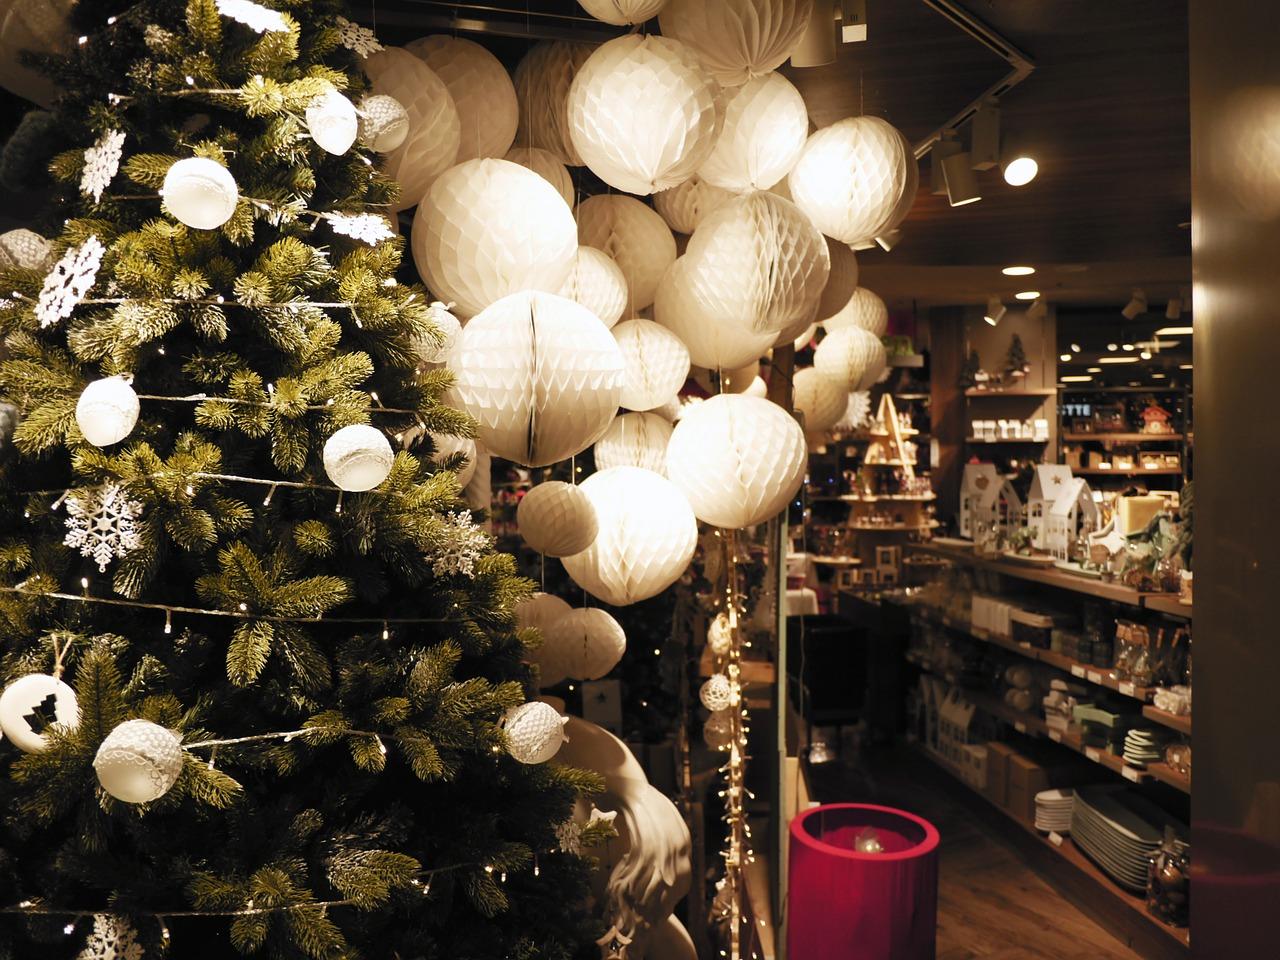 luces tienda navidad arbol